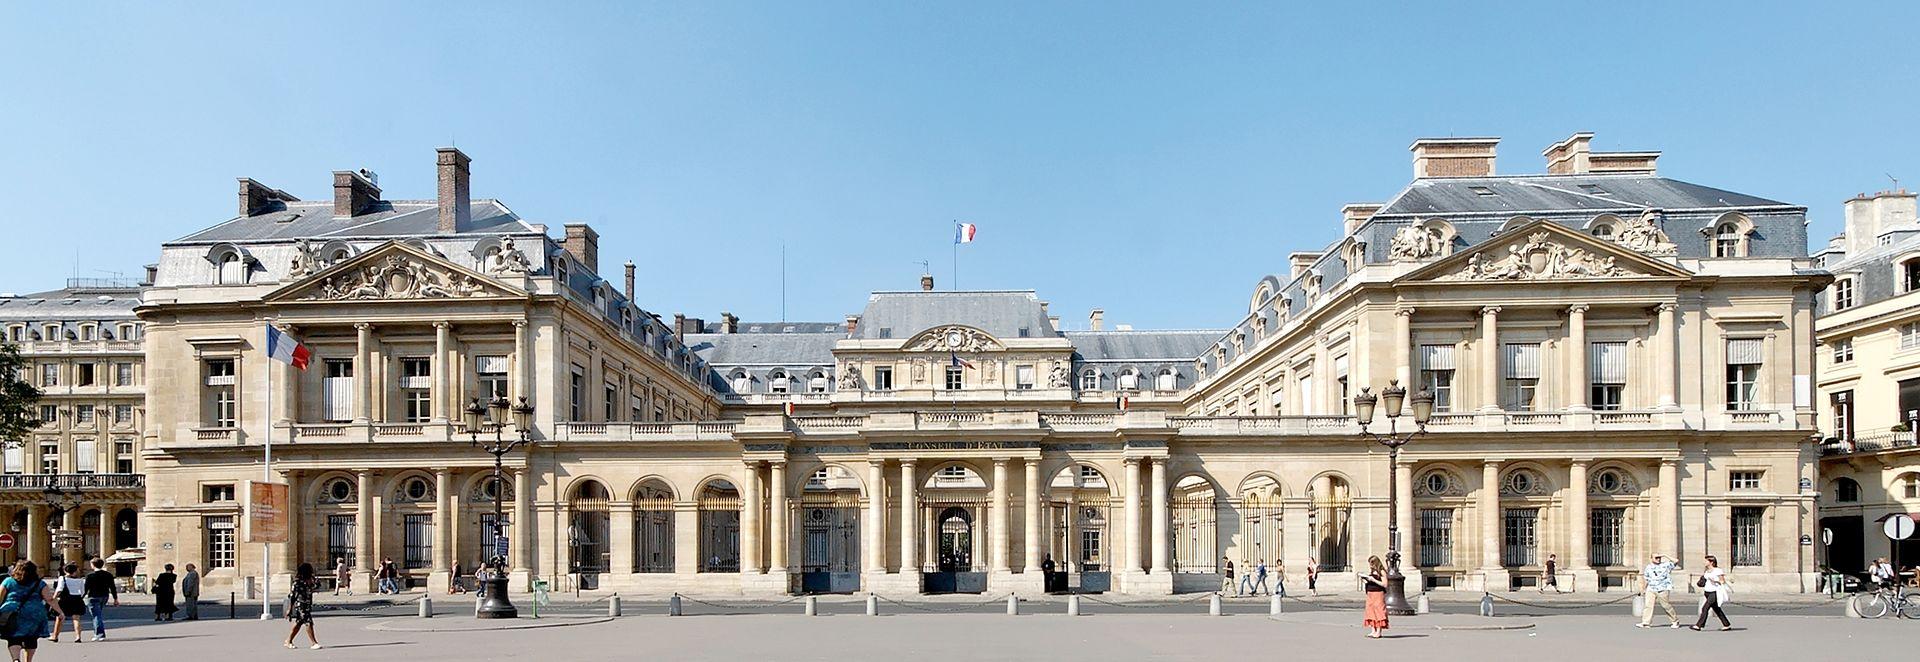 1920px-Conseil_d'Etat_Paris_WA